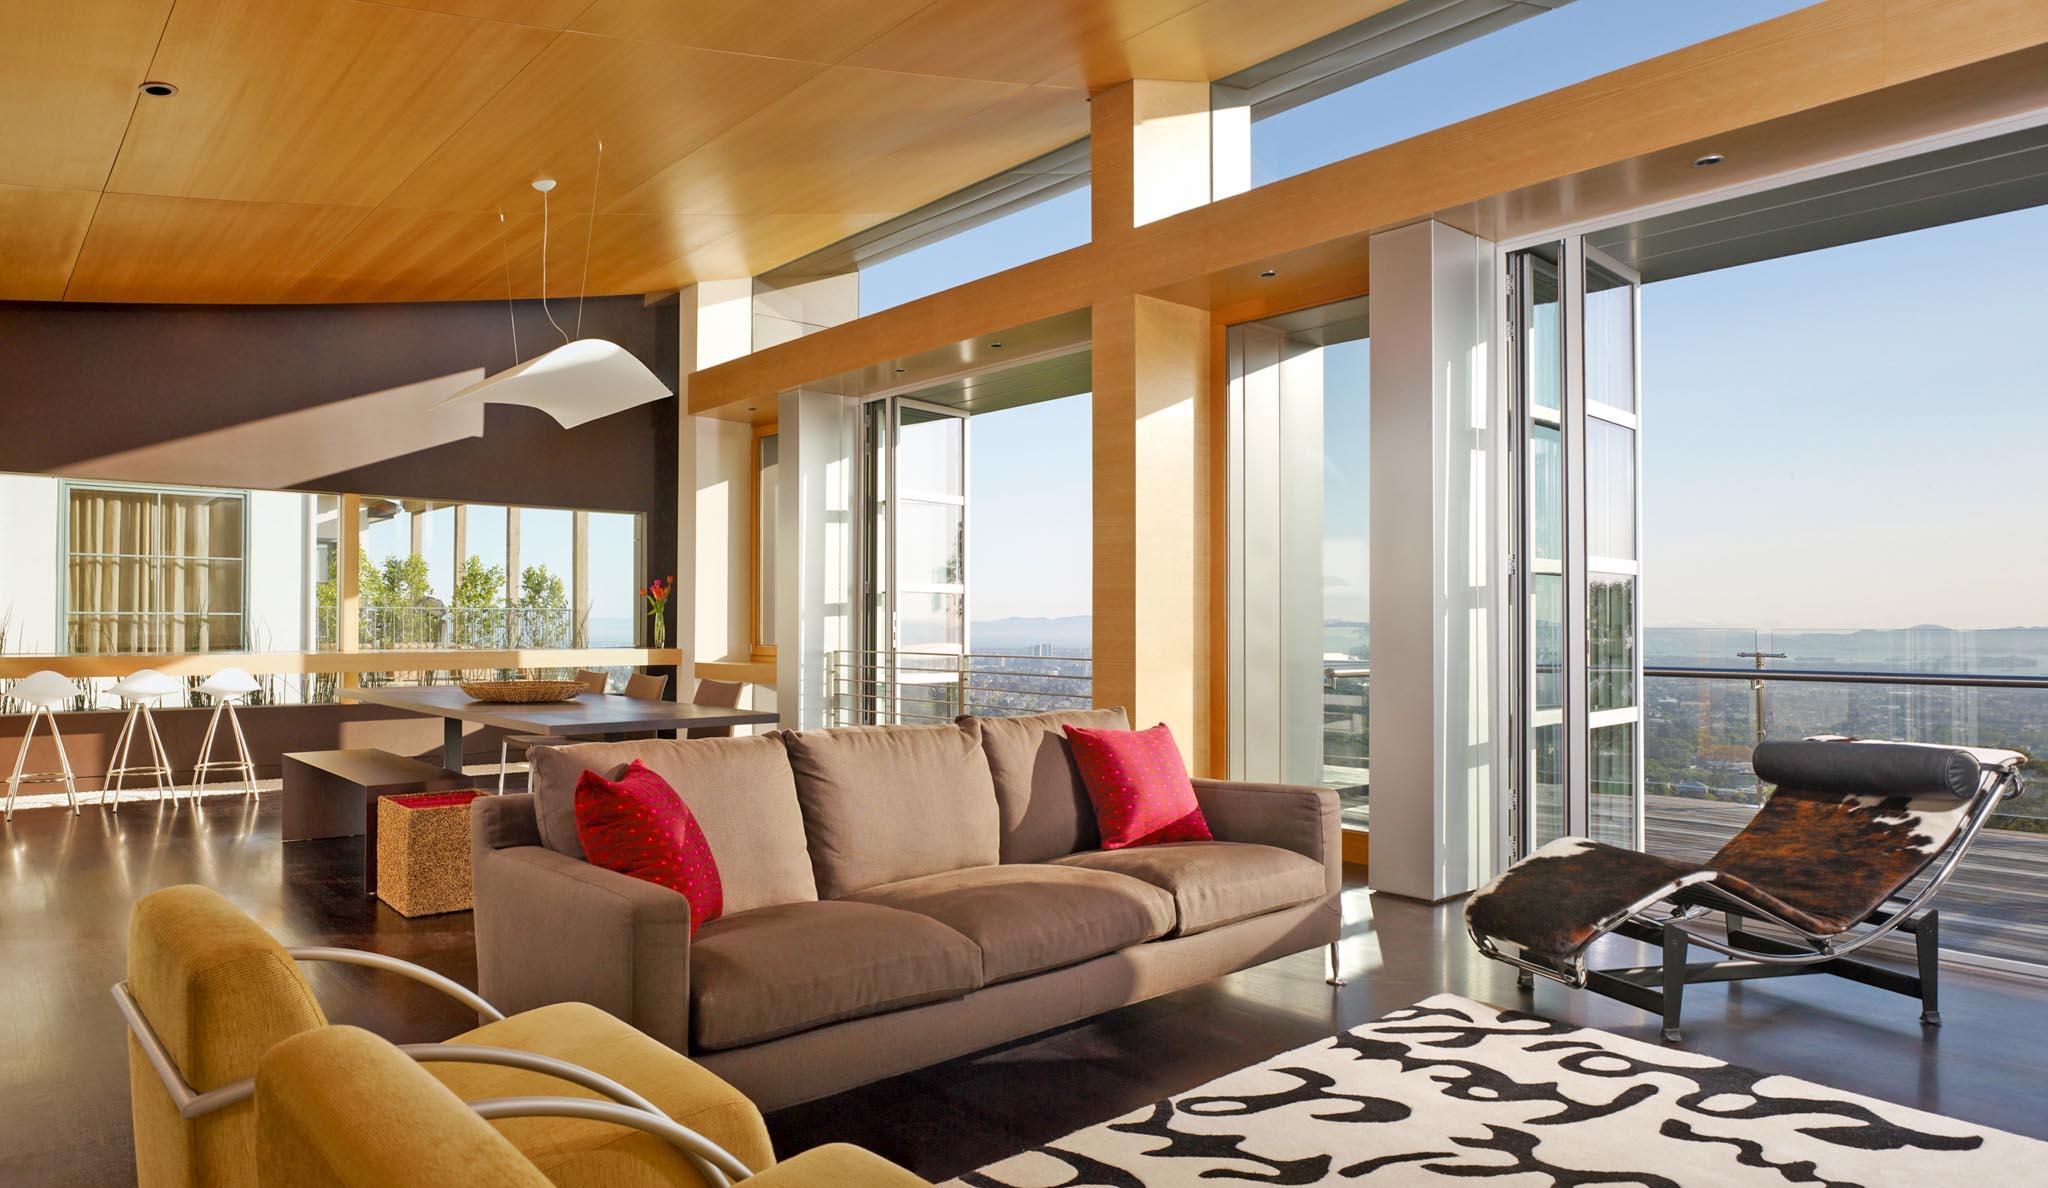 hillside modern home design inspiration with view through folding glass door